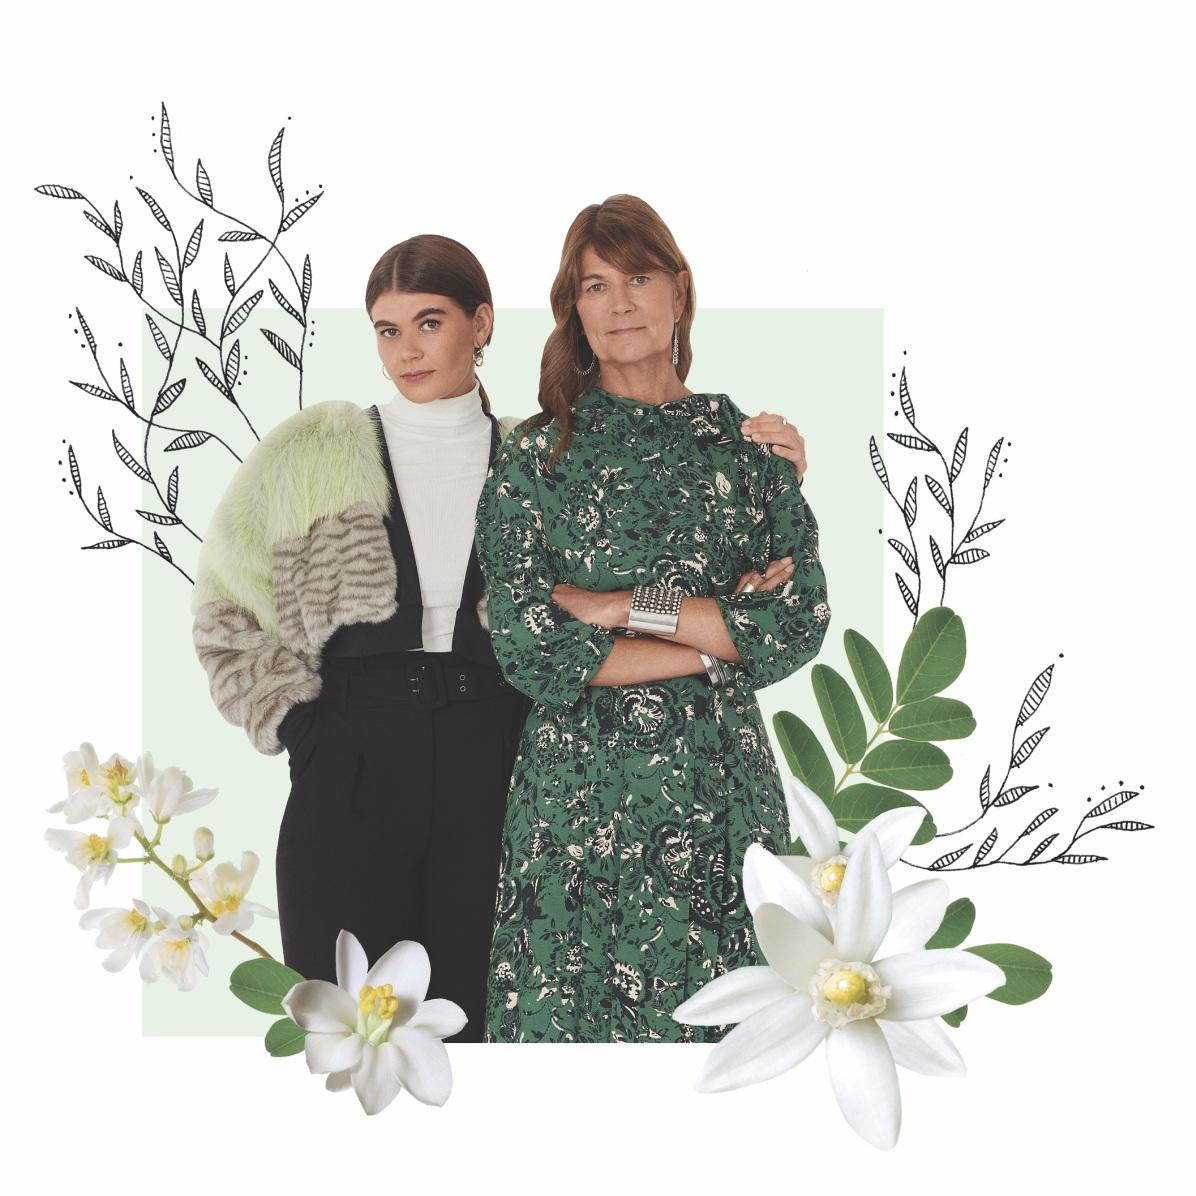 Sally & Lettie Pattinson - The Design Studio -